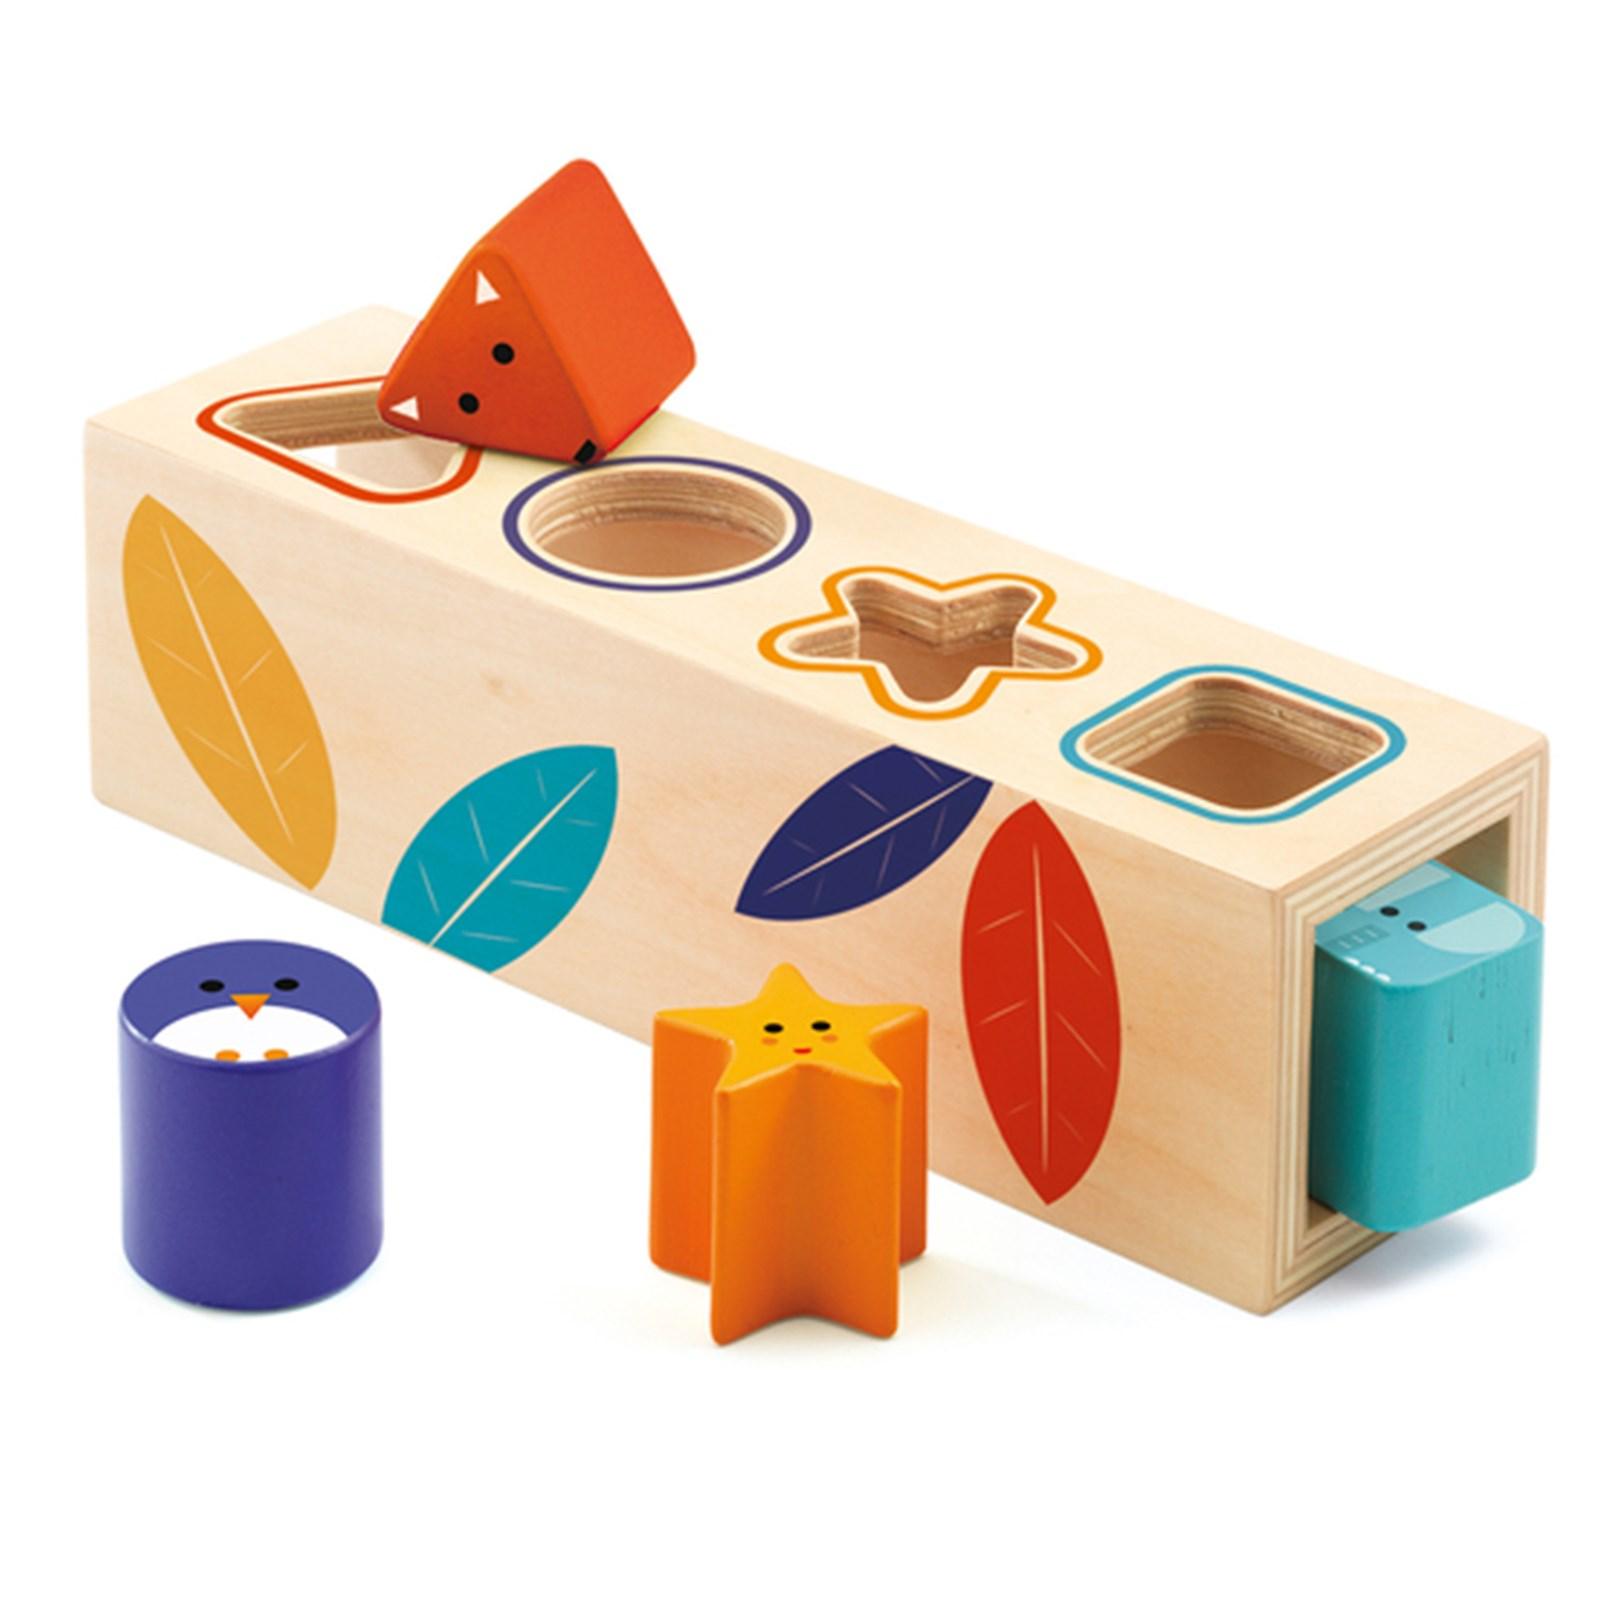 Купить DJECO Деревянная игрушка Сортировка Боита , Франция